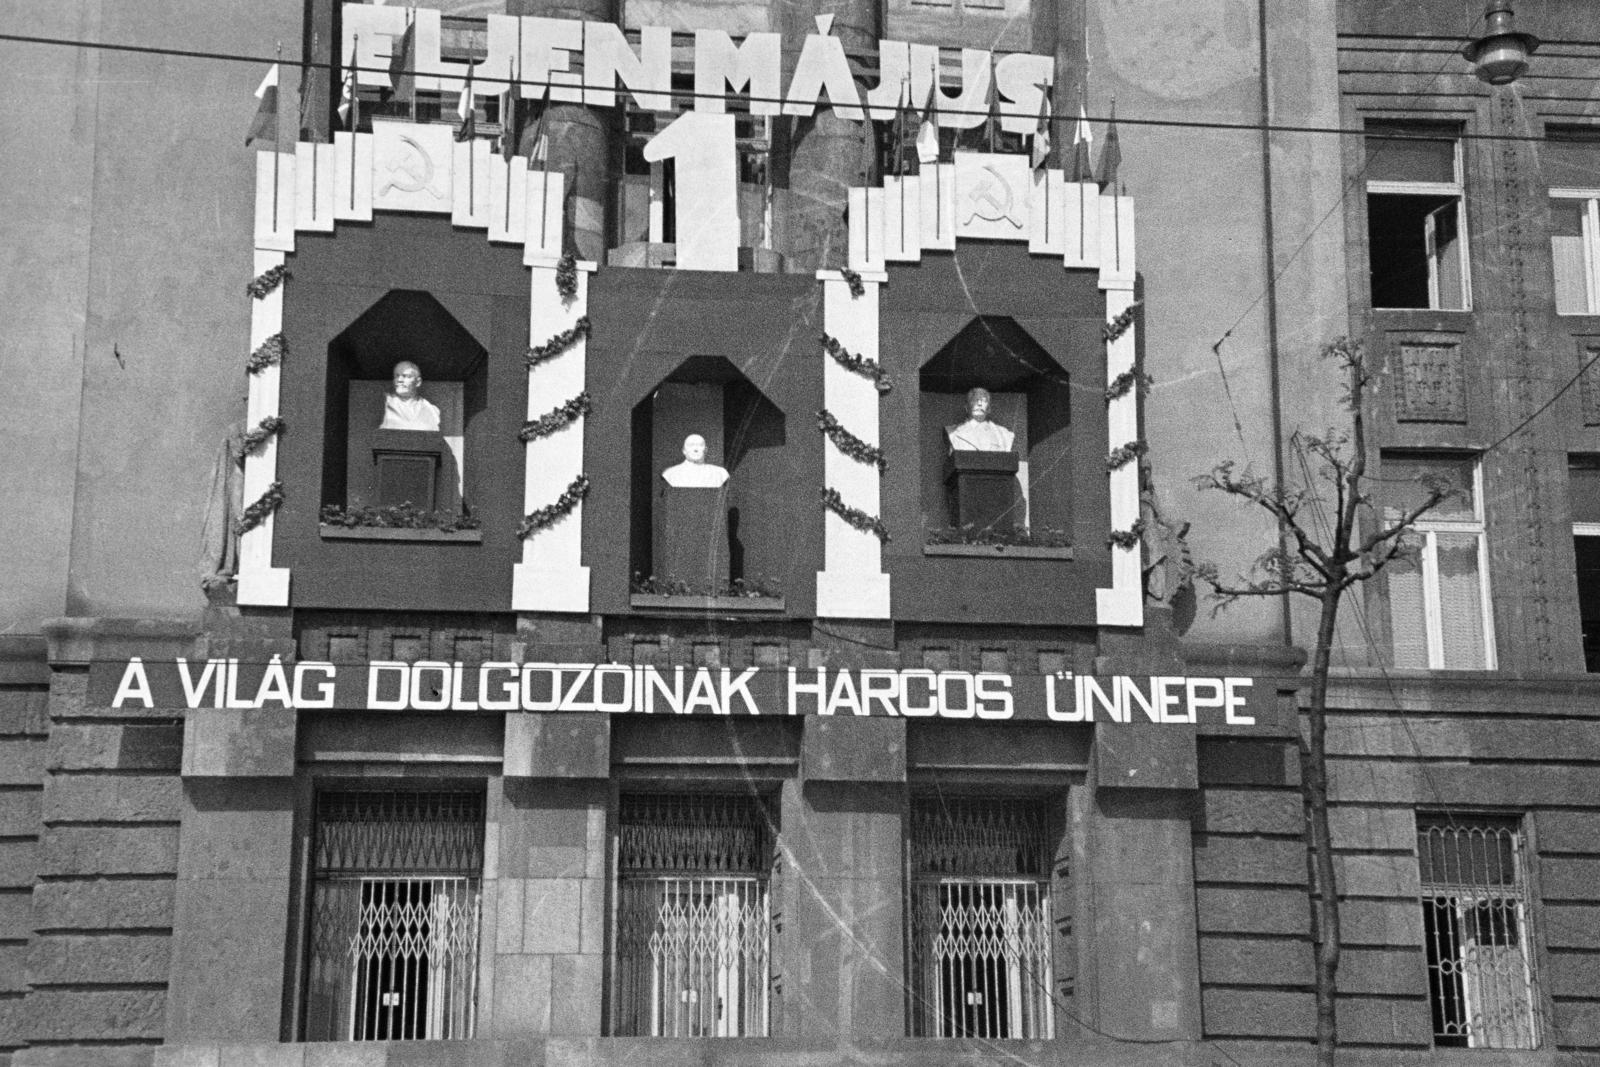 Száműzve Budapestről – Interjú Dombi Gáborral az '50-es évek kitelepítéseiről